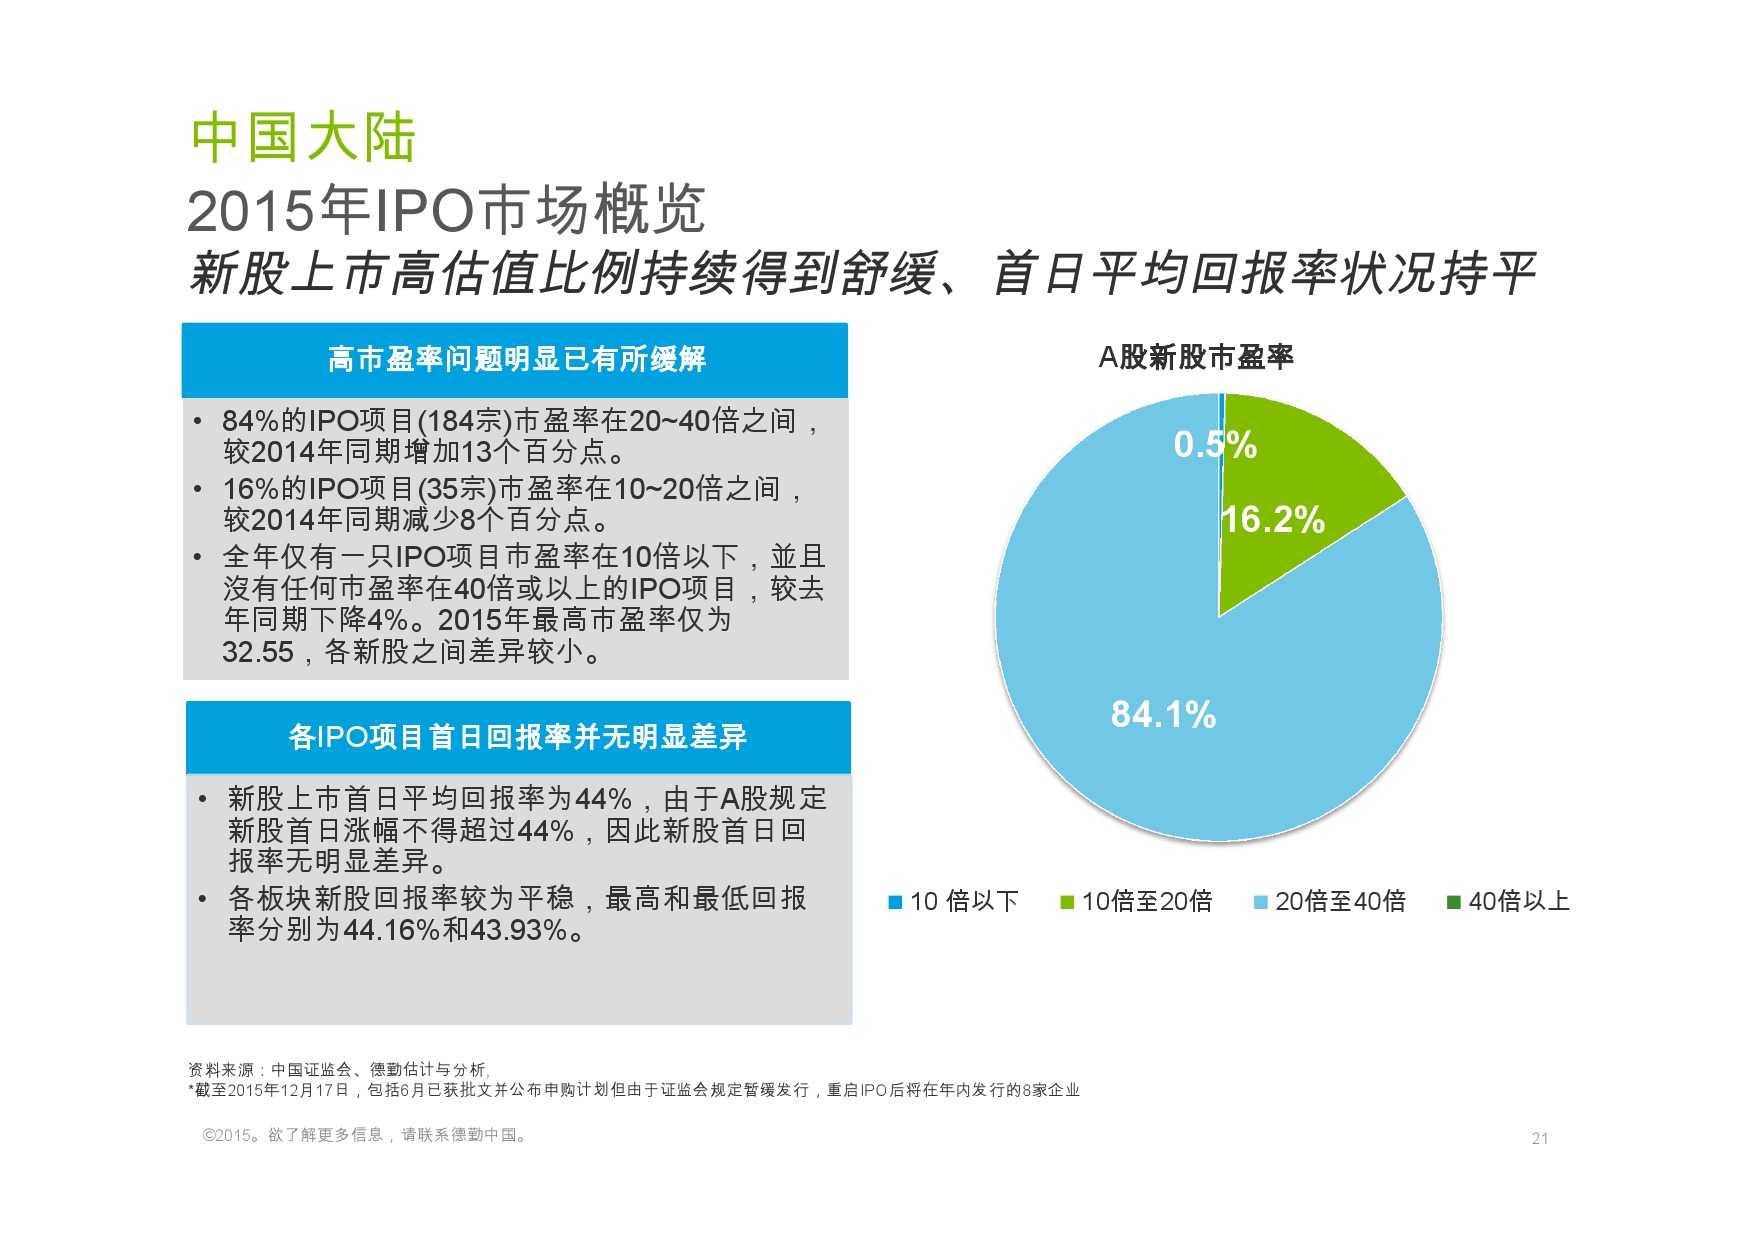 德勤:香港及中国大陆IPO巿场2015年回顾与2016年展望_000021